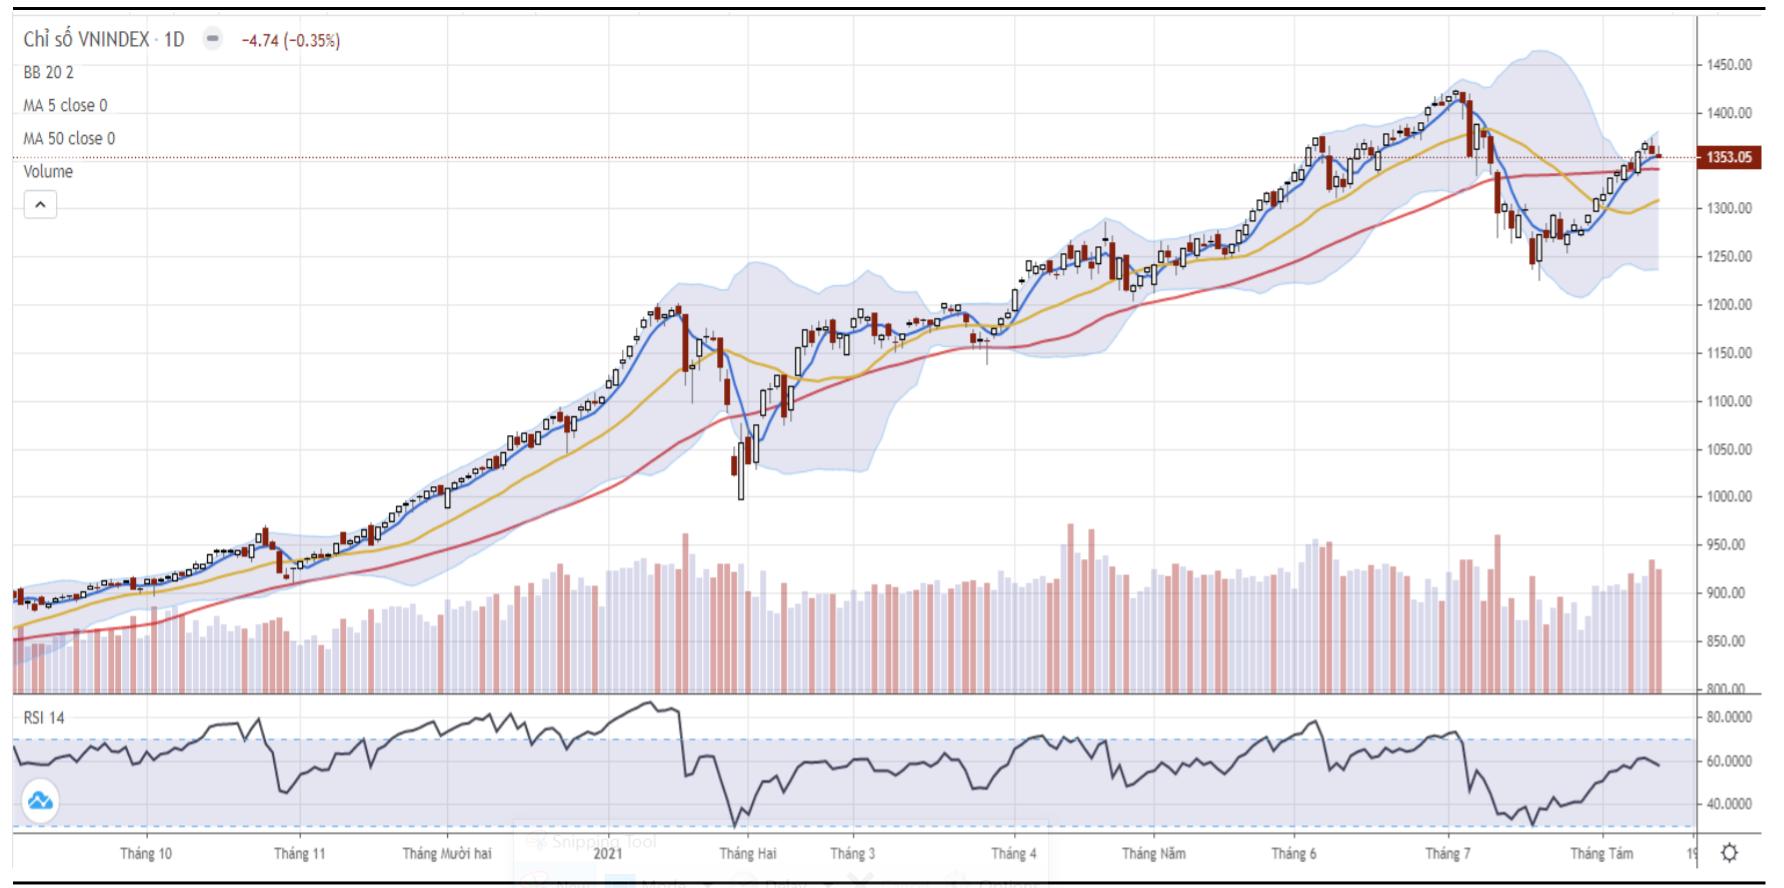 Nhận định thị trường chứng khoán ngày 13/8: Dao động trong biên độ hẹp - Ảnh 1.